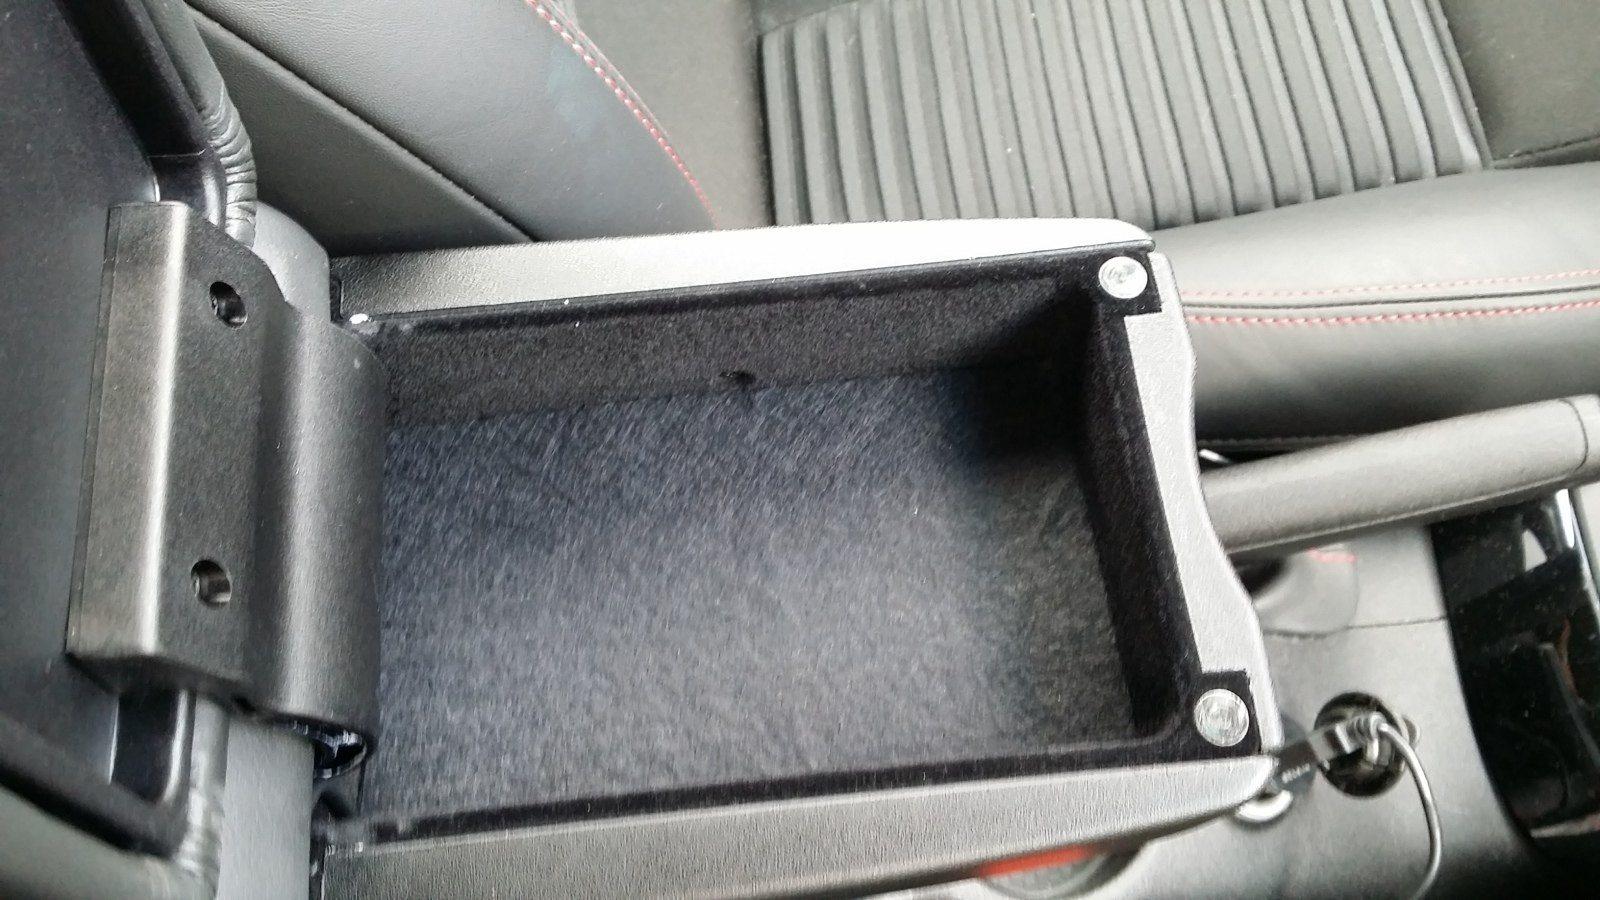 foto [GUIDA] Wireless charging Ricarica Wireless nel porta oggetti - 1